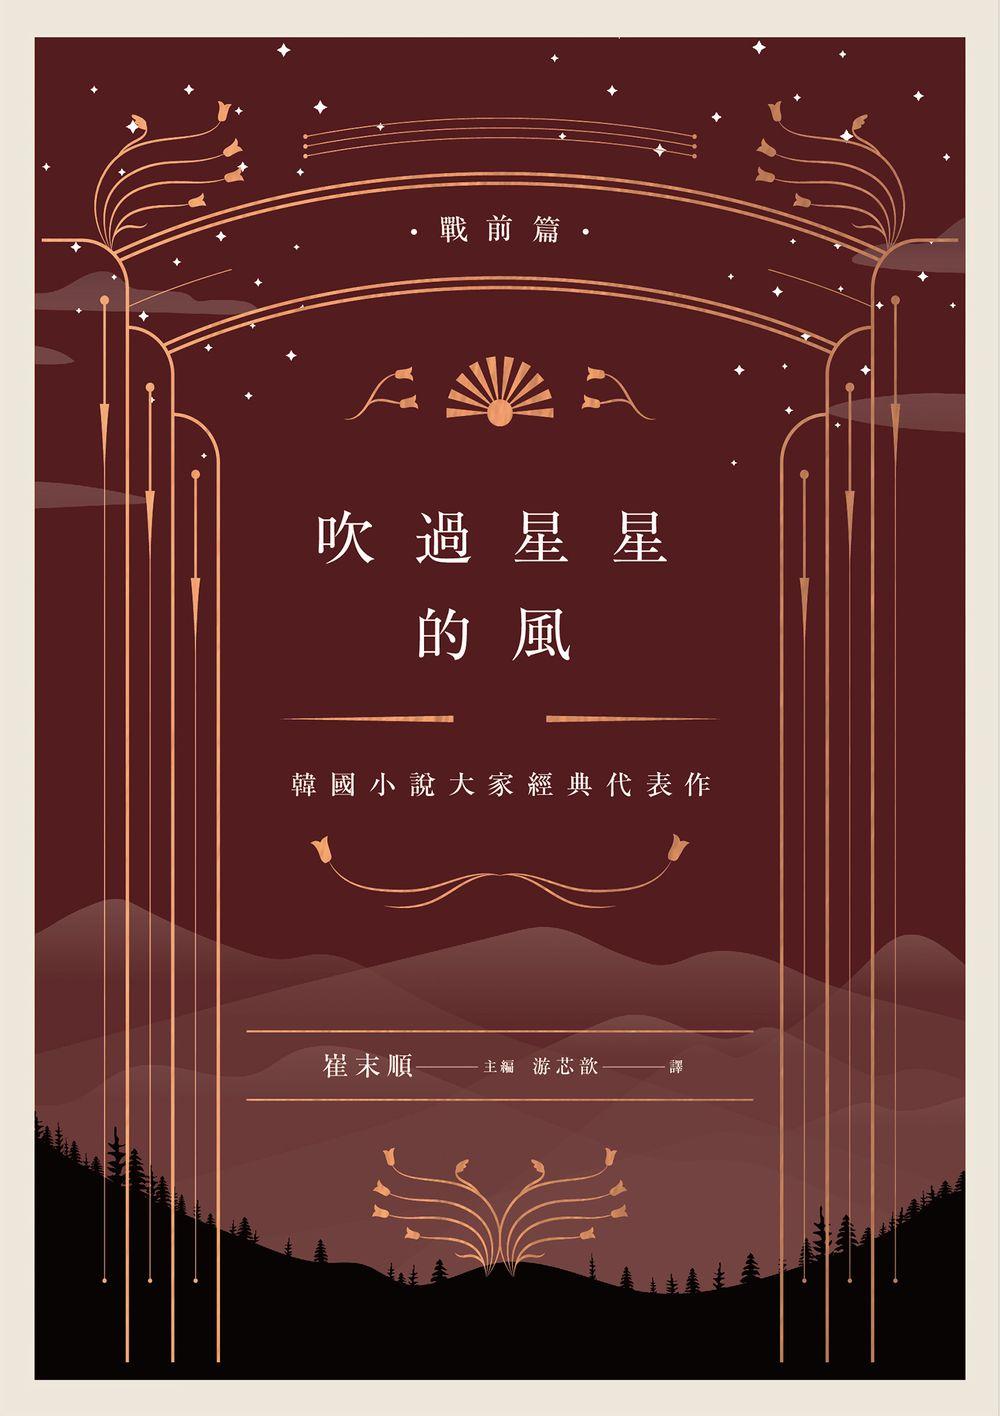 吹過星星的風:韓國小說大家經典代表作(戰前篇) (電子書)